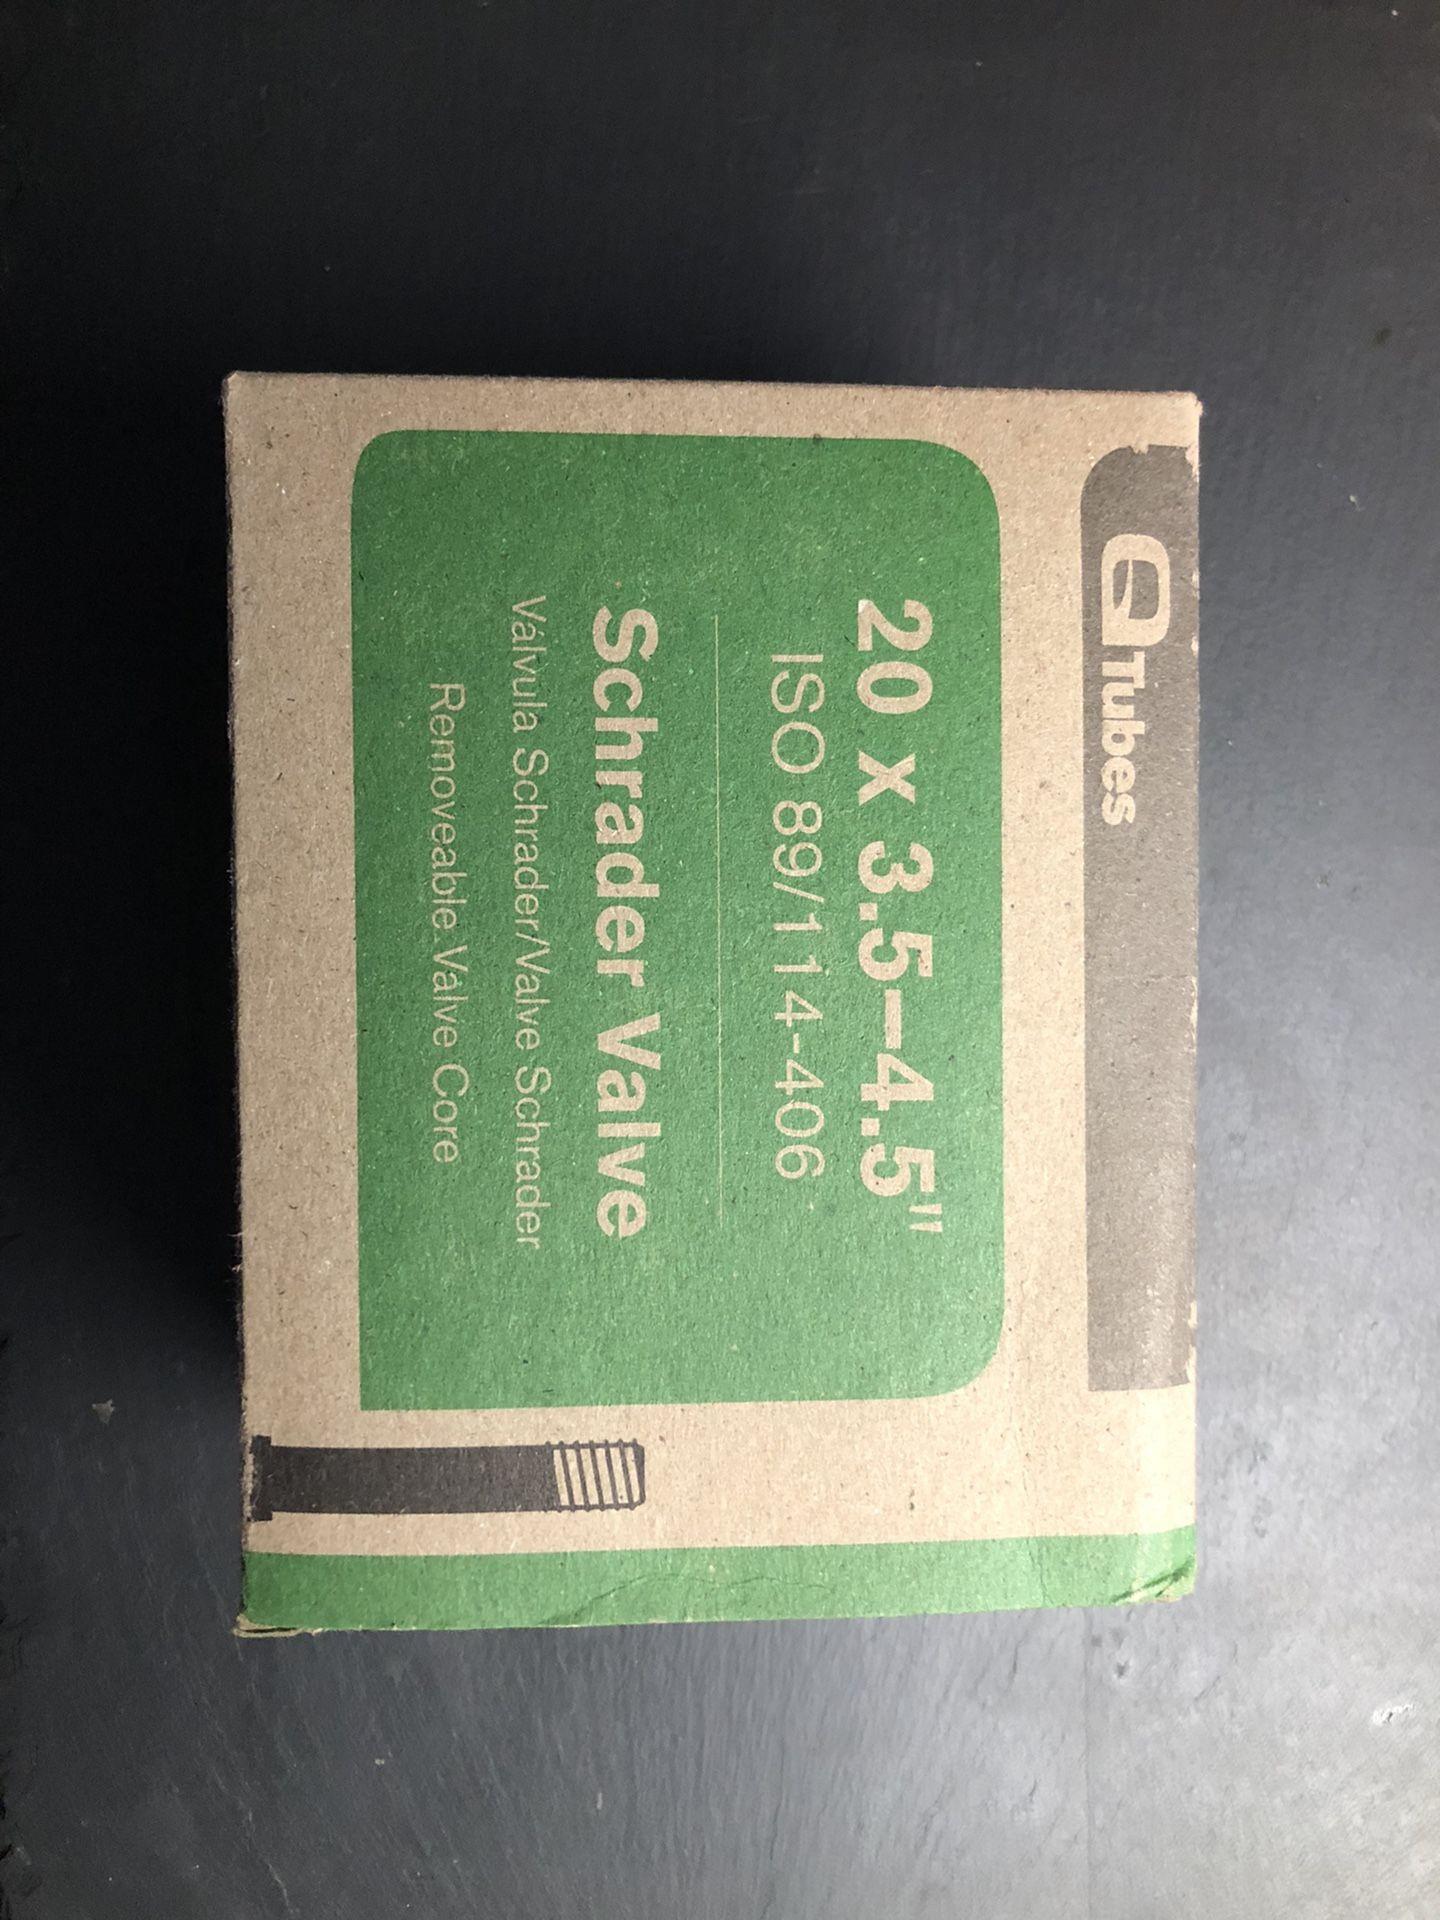 Q-Tubes 20 x 4 / 3.5 /4.5 Schrader Valve Inner Tube